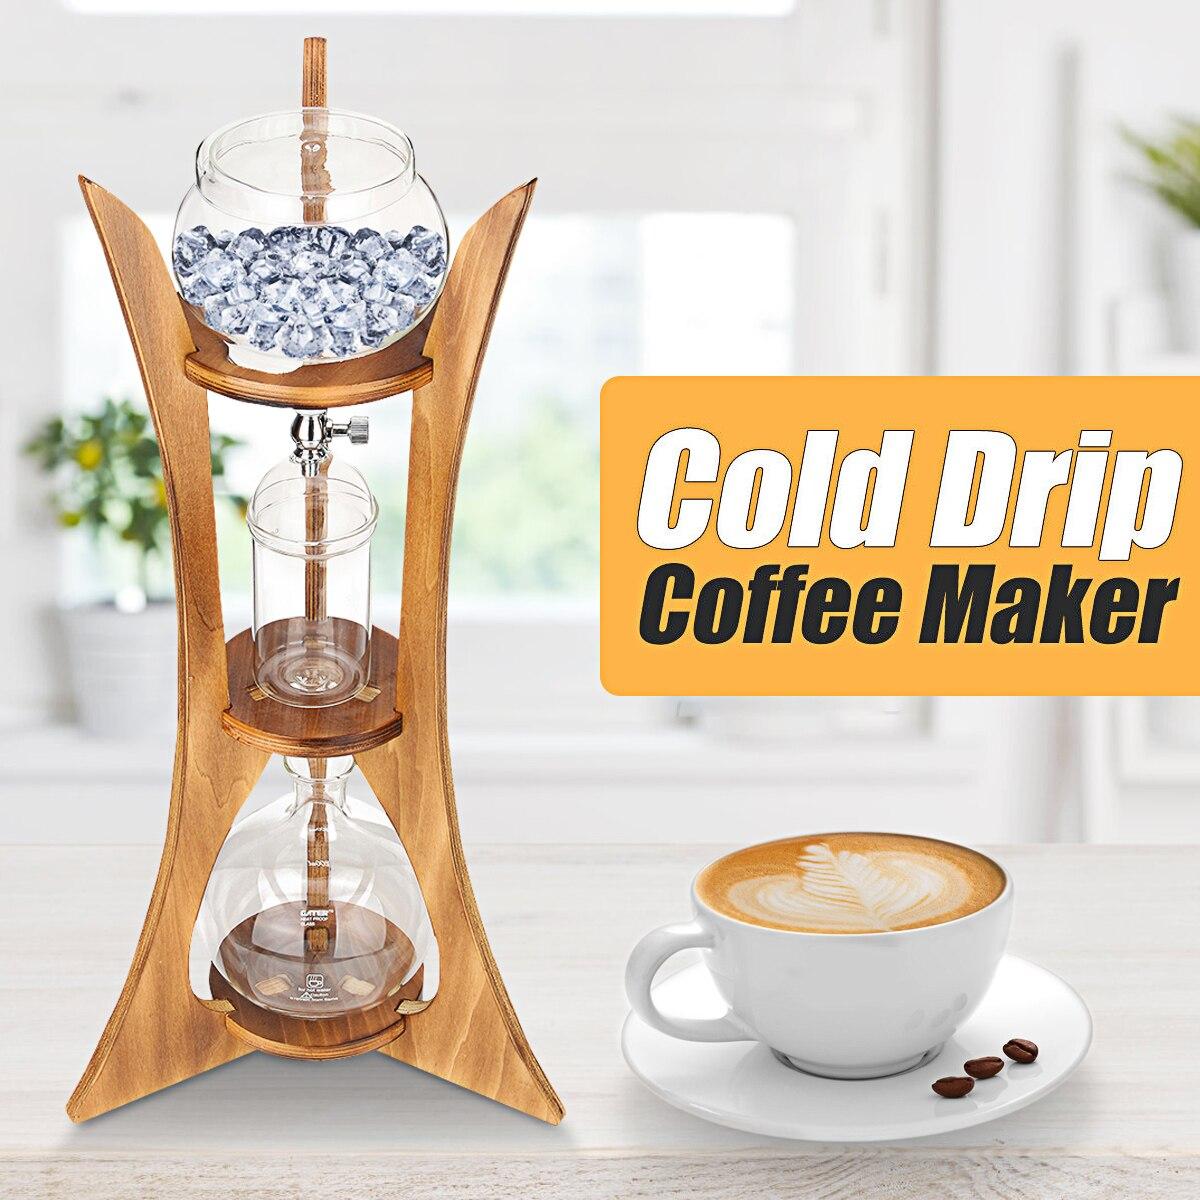 Pratique Verre Goutte Froide Café Pot Maker D'eau Réutilisable Goutte À Goutte Cafetière Verre Goutteur Pot Glace Café Infusion à Froid Filtre outils